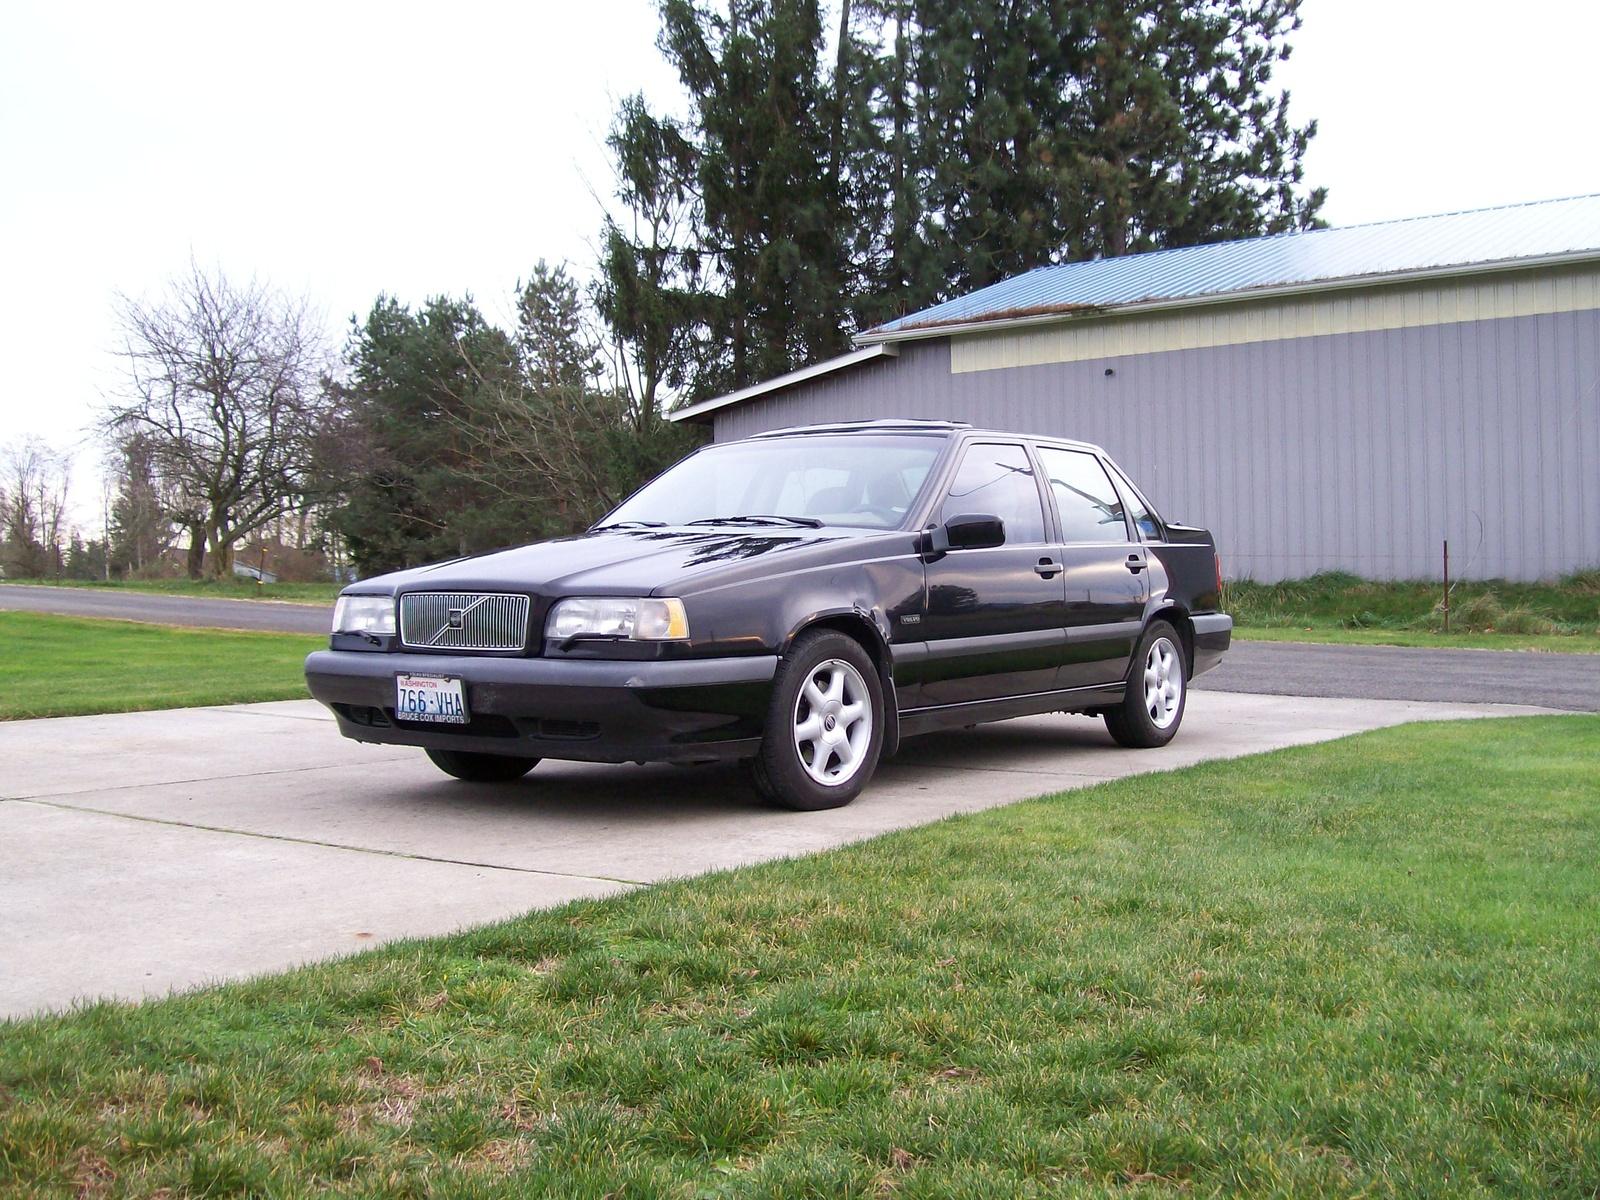 Volvo 850 - Wikipedia